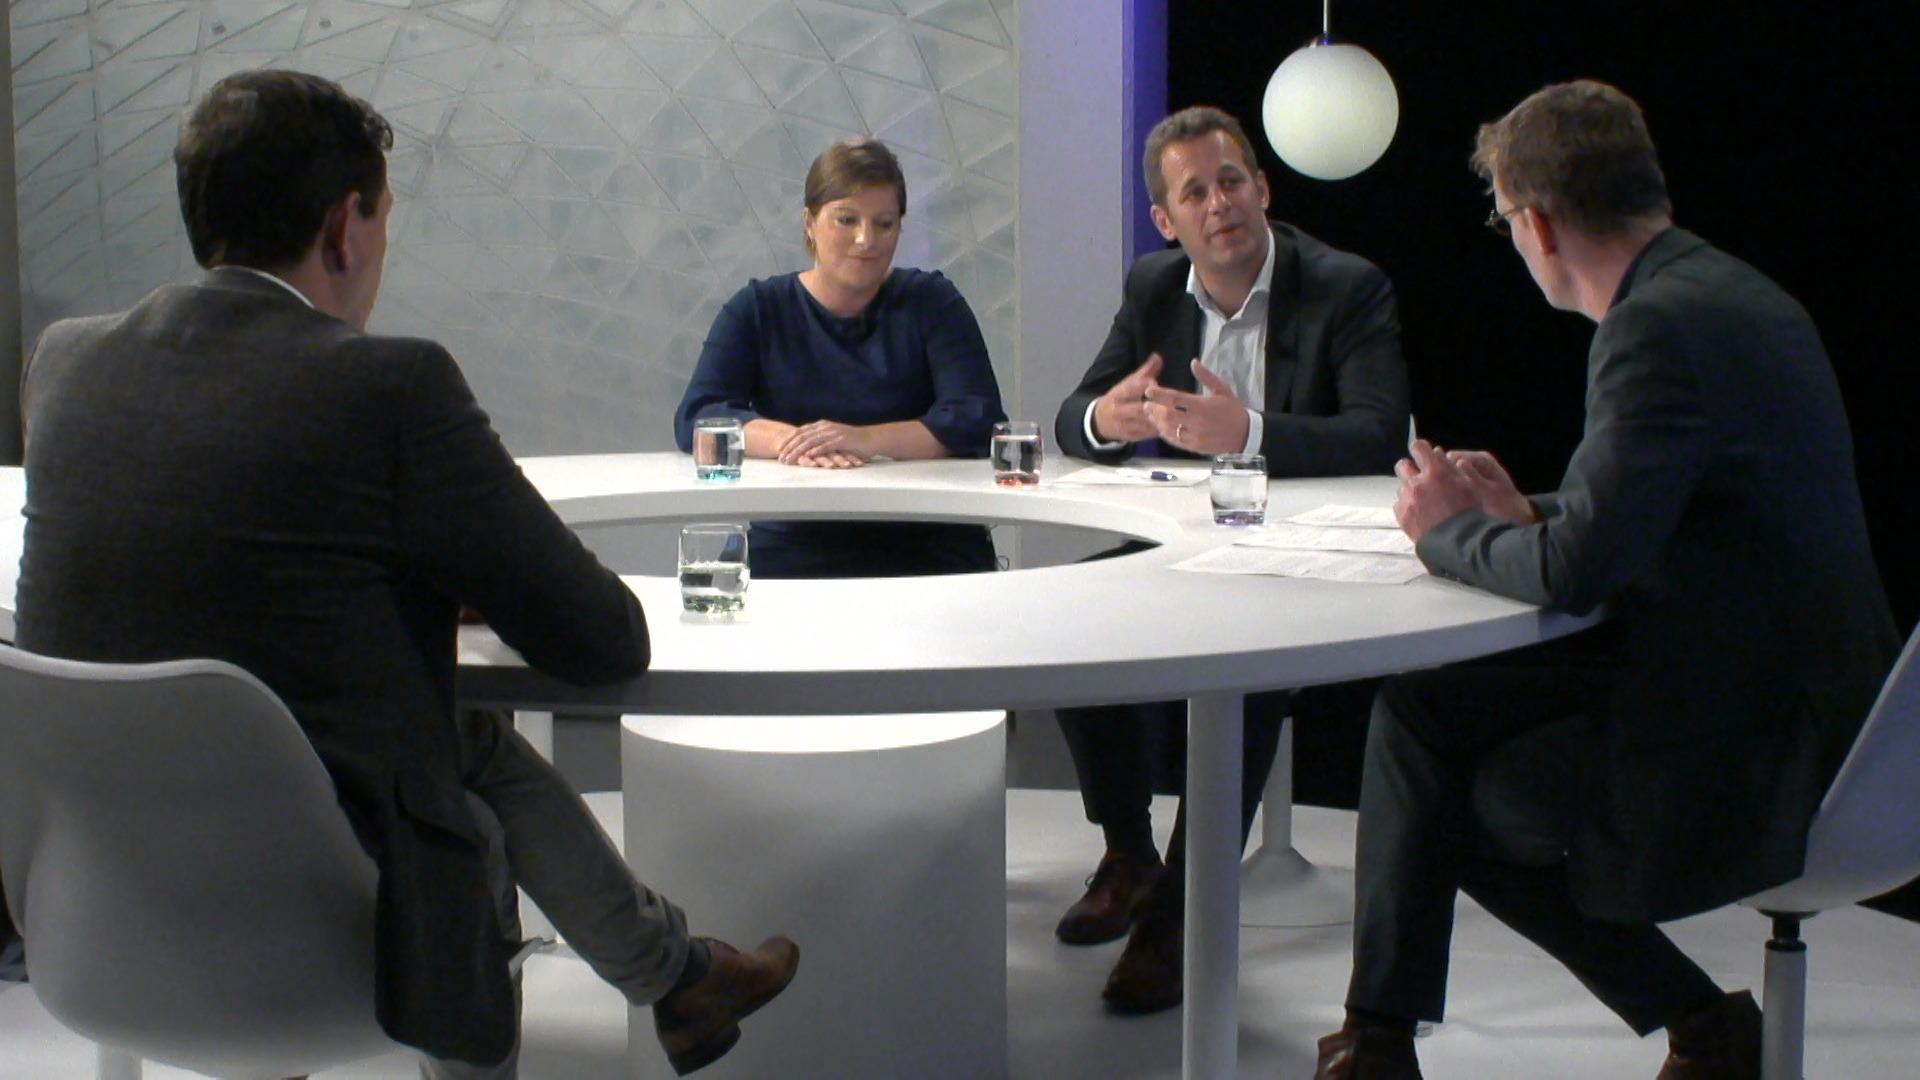 Debat over de digitale elektriciteitsmeter